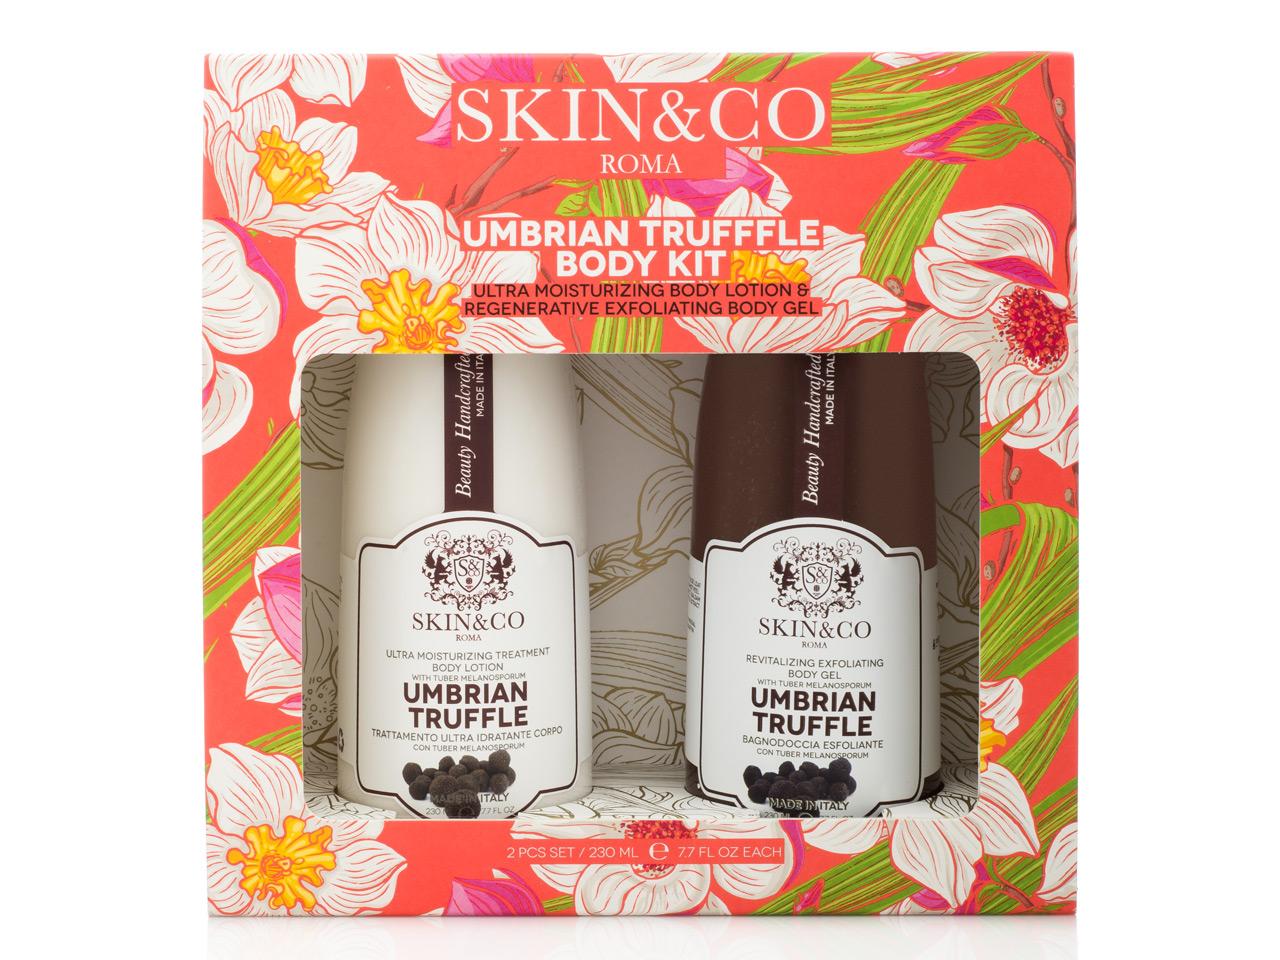 Skin & Co Umbrian Truffle Body Kit